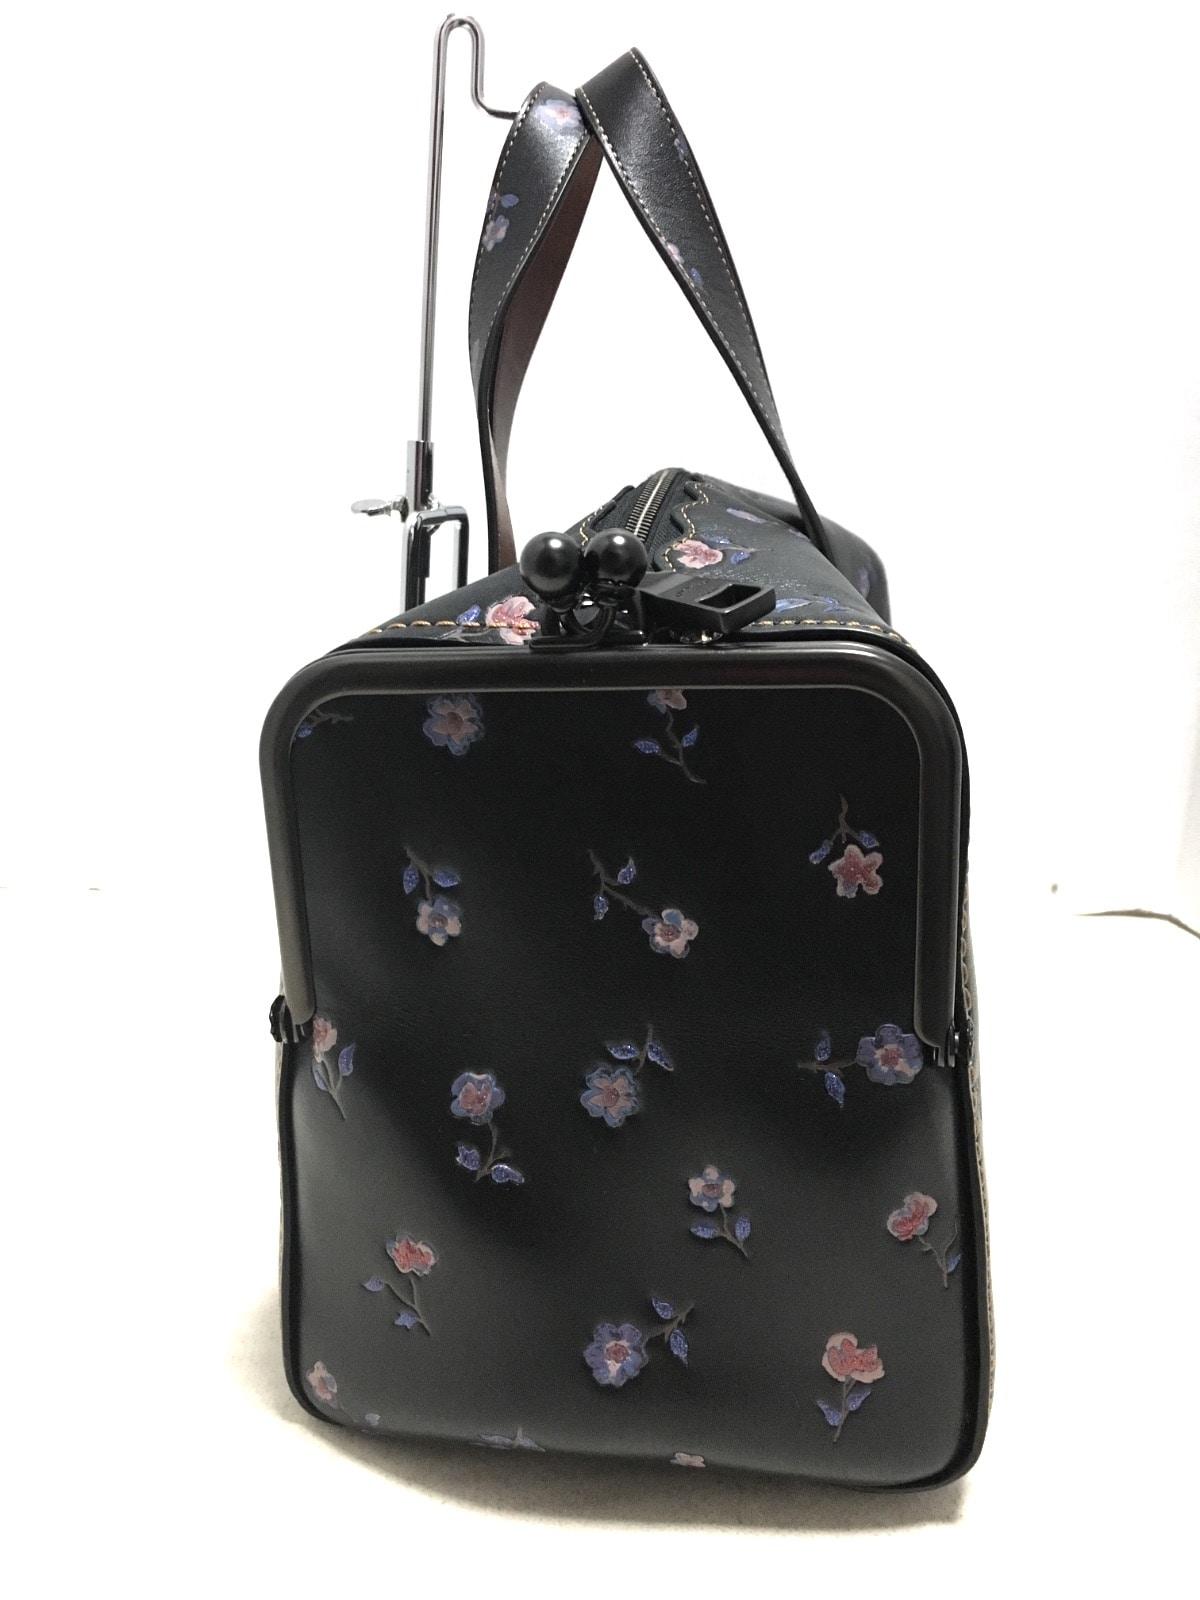 COACH(コーチ)のメールボックス バッグ 35 ウィズ ビンテージ プレーリー プリント